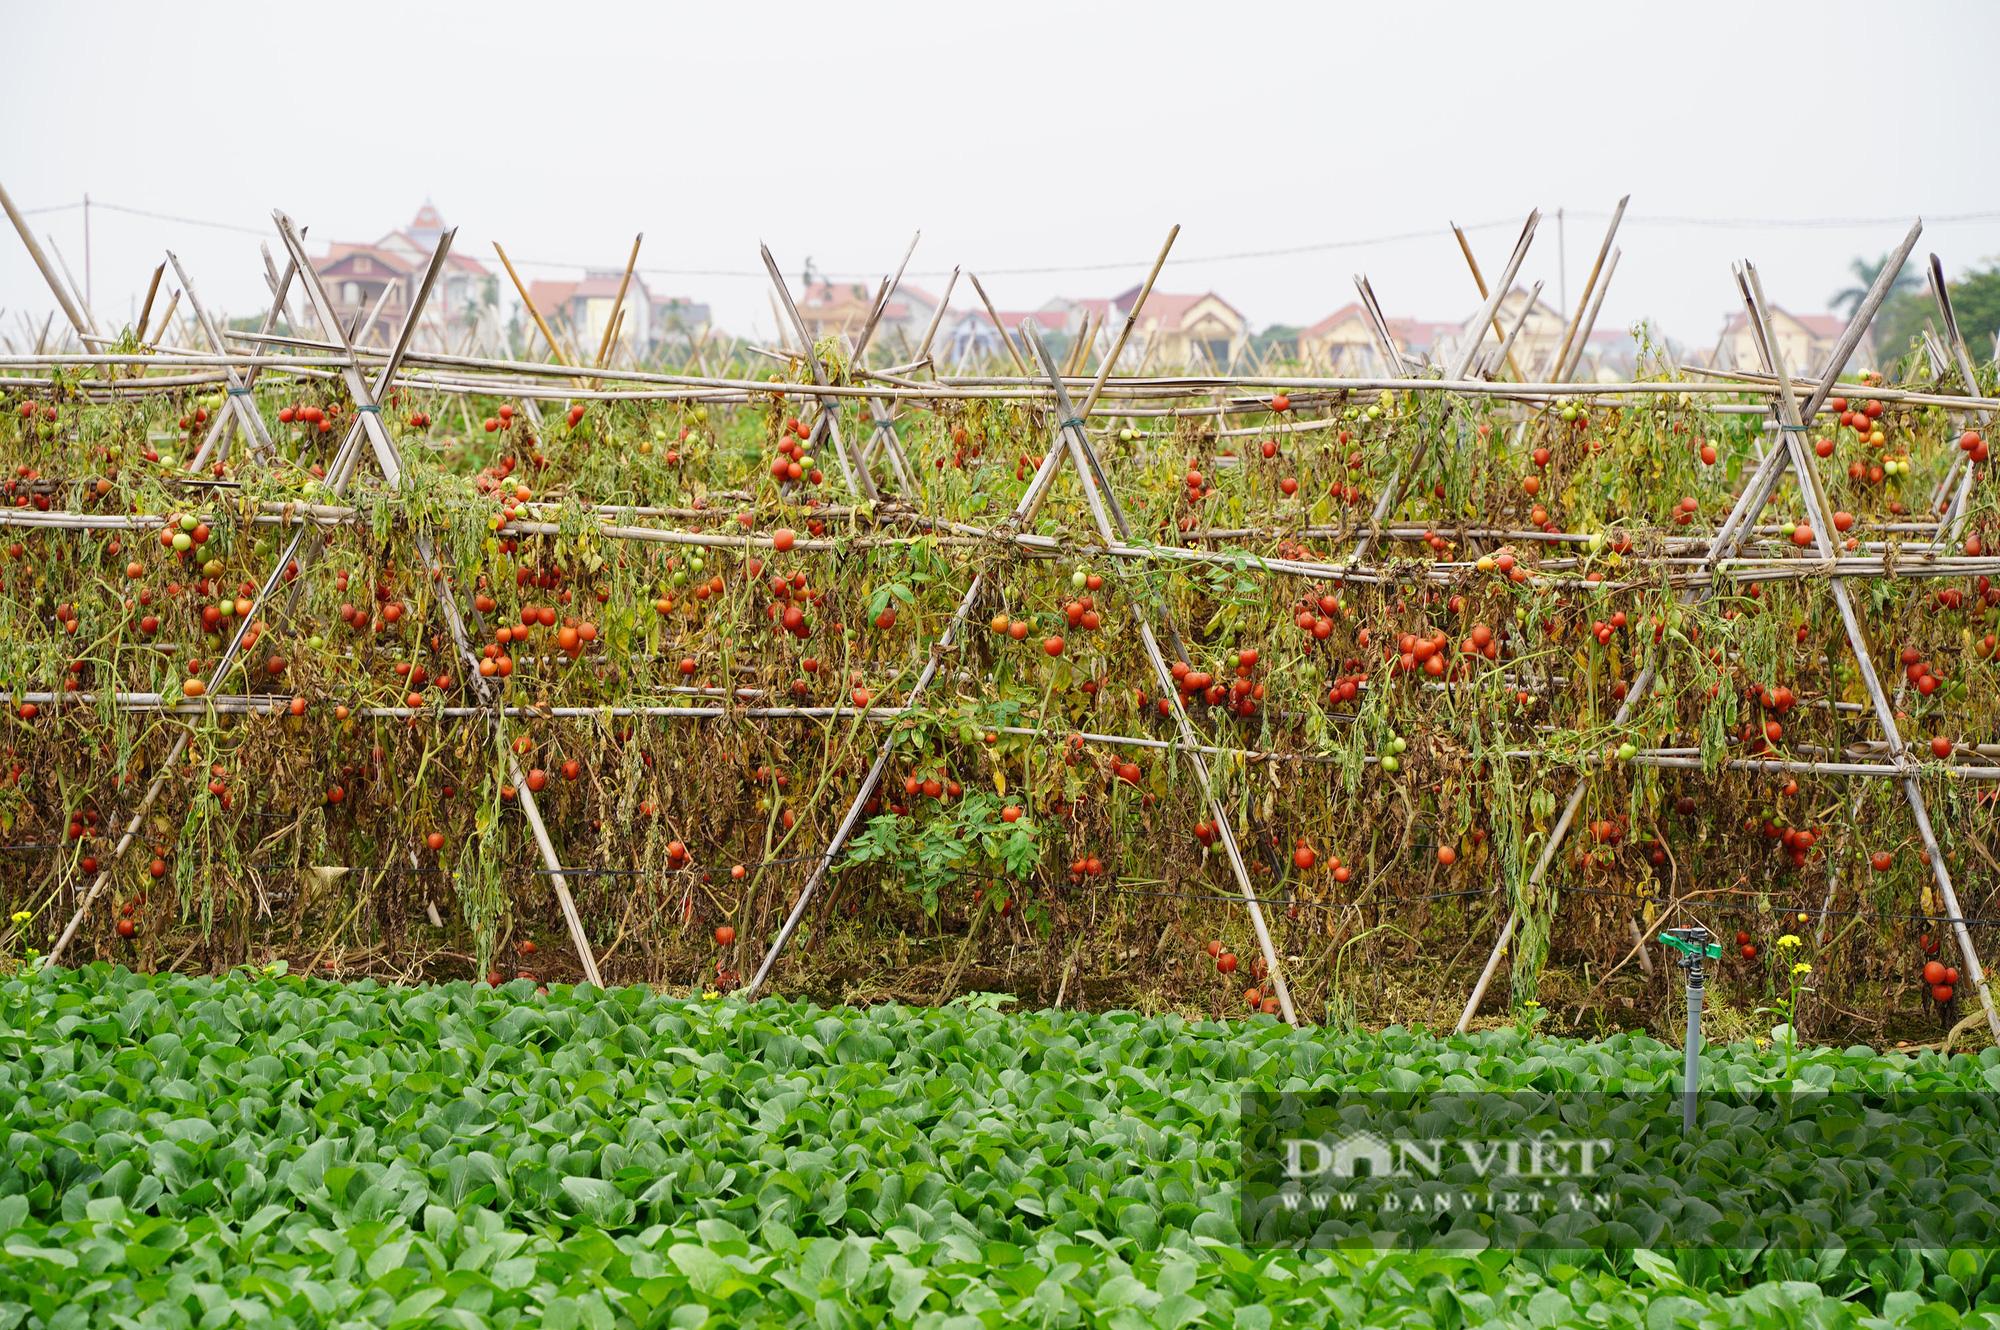 Củ cải thối phơi trắng cánh đồng, cà chua đỏ ửng không ai thu hoạch  - Ảnh 12.